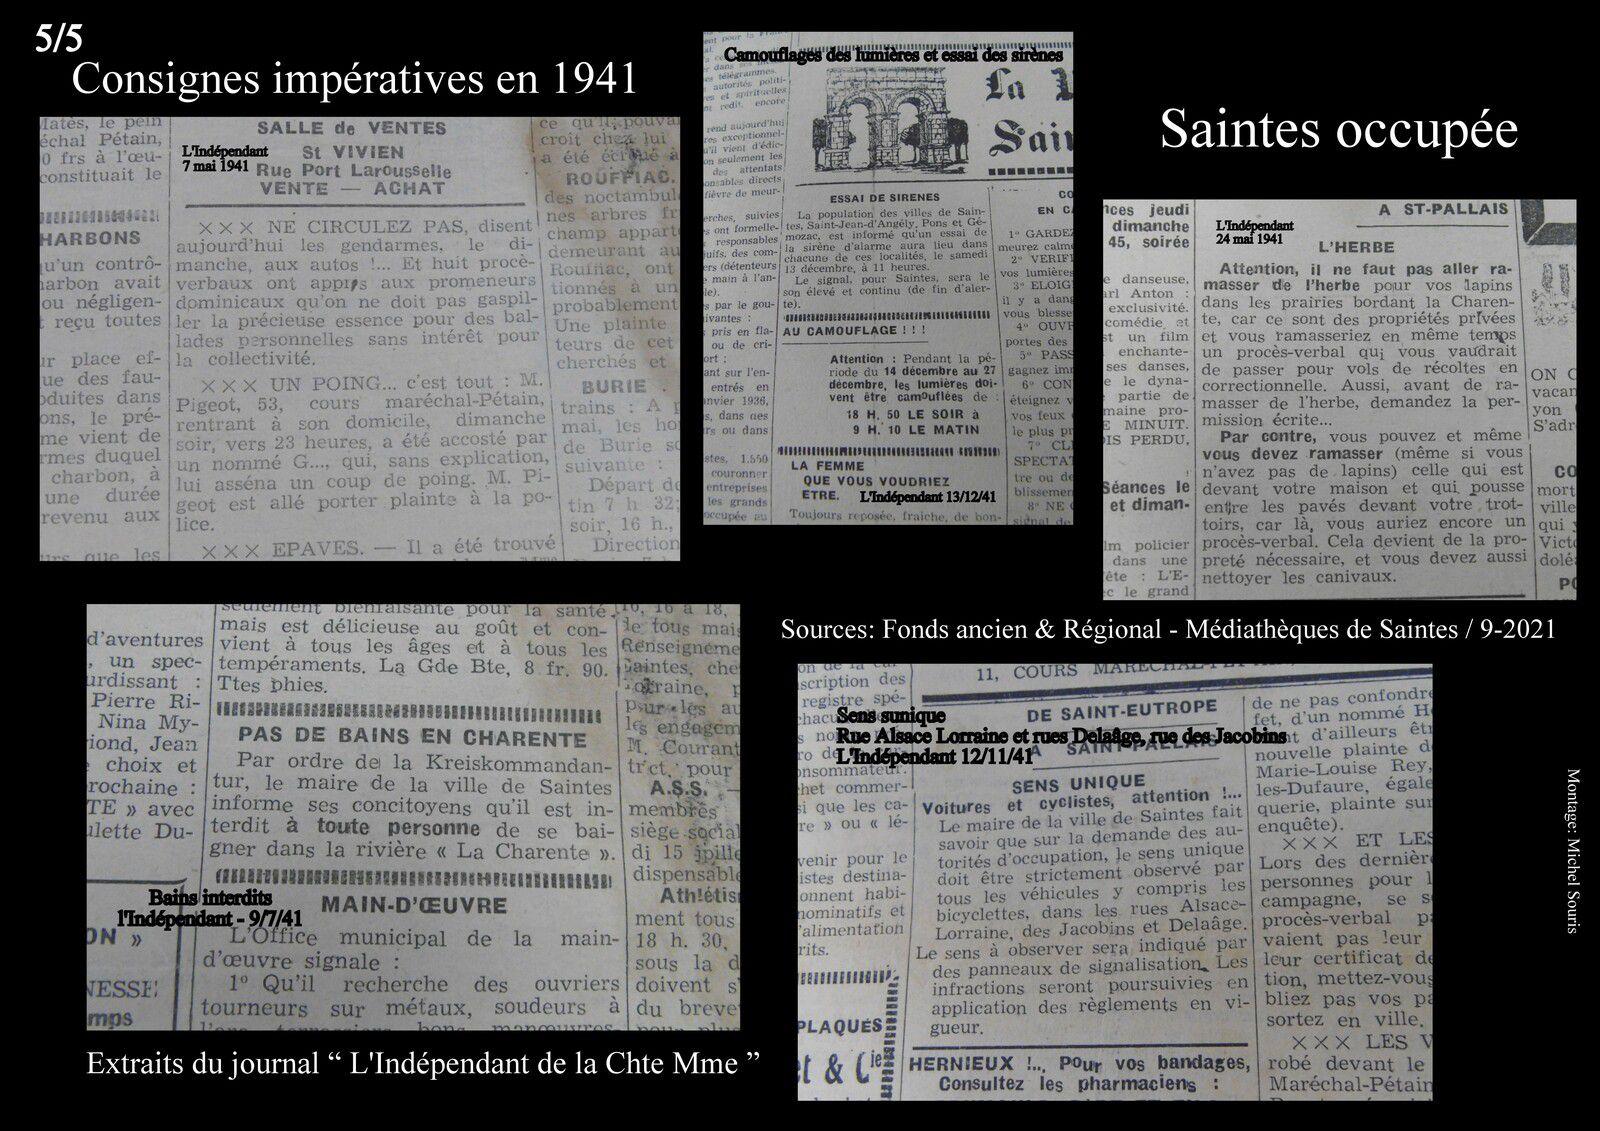 Nous terminerons cette rapide lecture de ce journal en découvrant le changement de nom d enotre département... d'inférieur il allait devenir maritime, mais il fallait alors la signature d'un fameux Pétain depuis son bureau de Vichy.